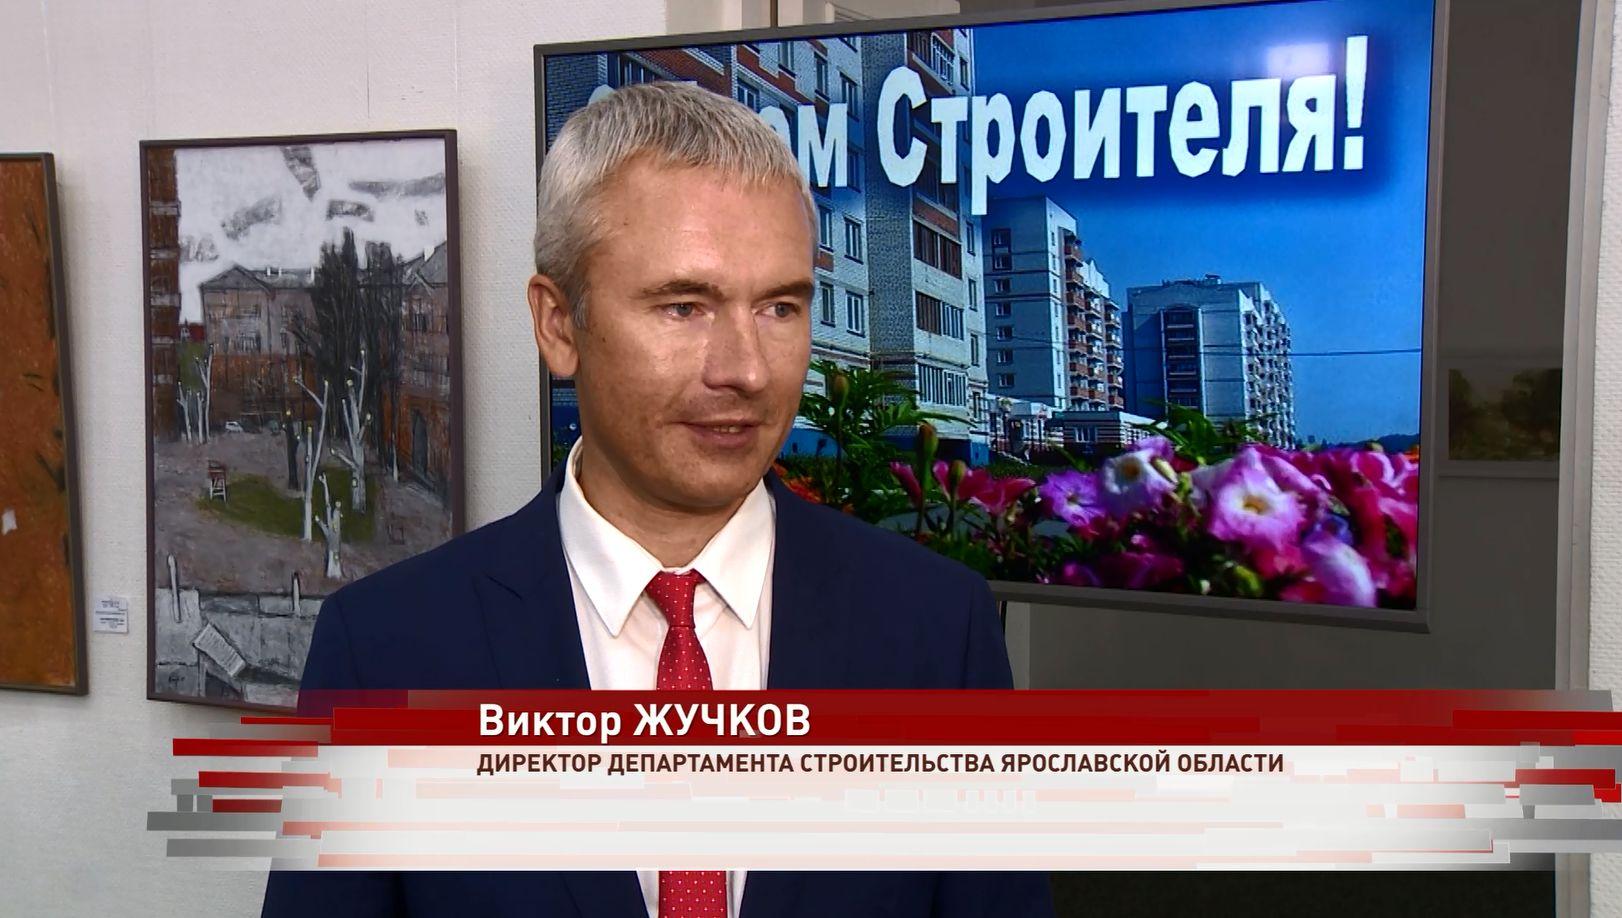 В преддверии Дня Строителя в Ярославле чествовали лучших представителей отрасли